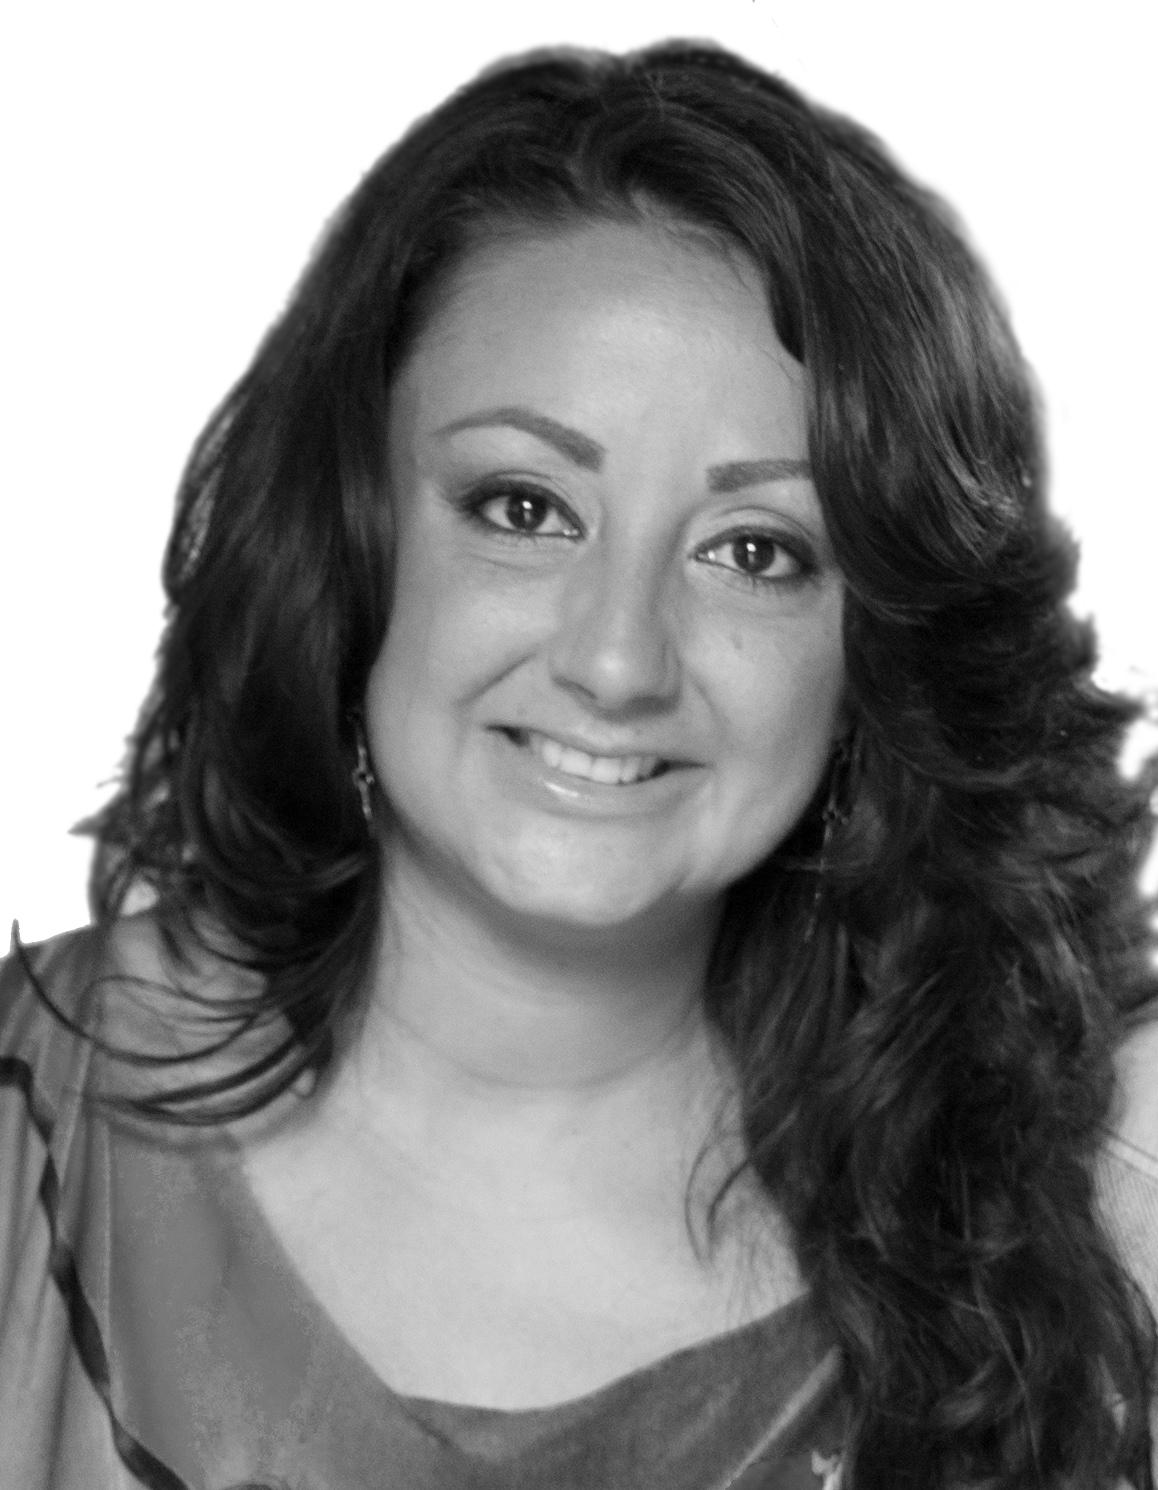 María Isabel Serrano Dina